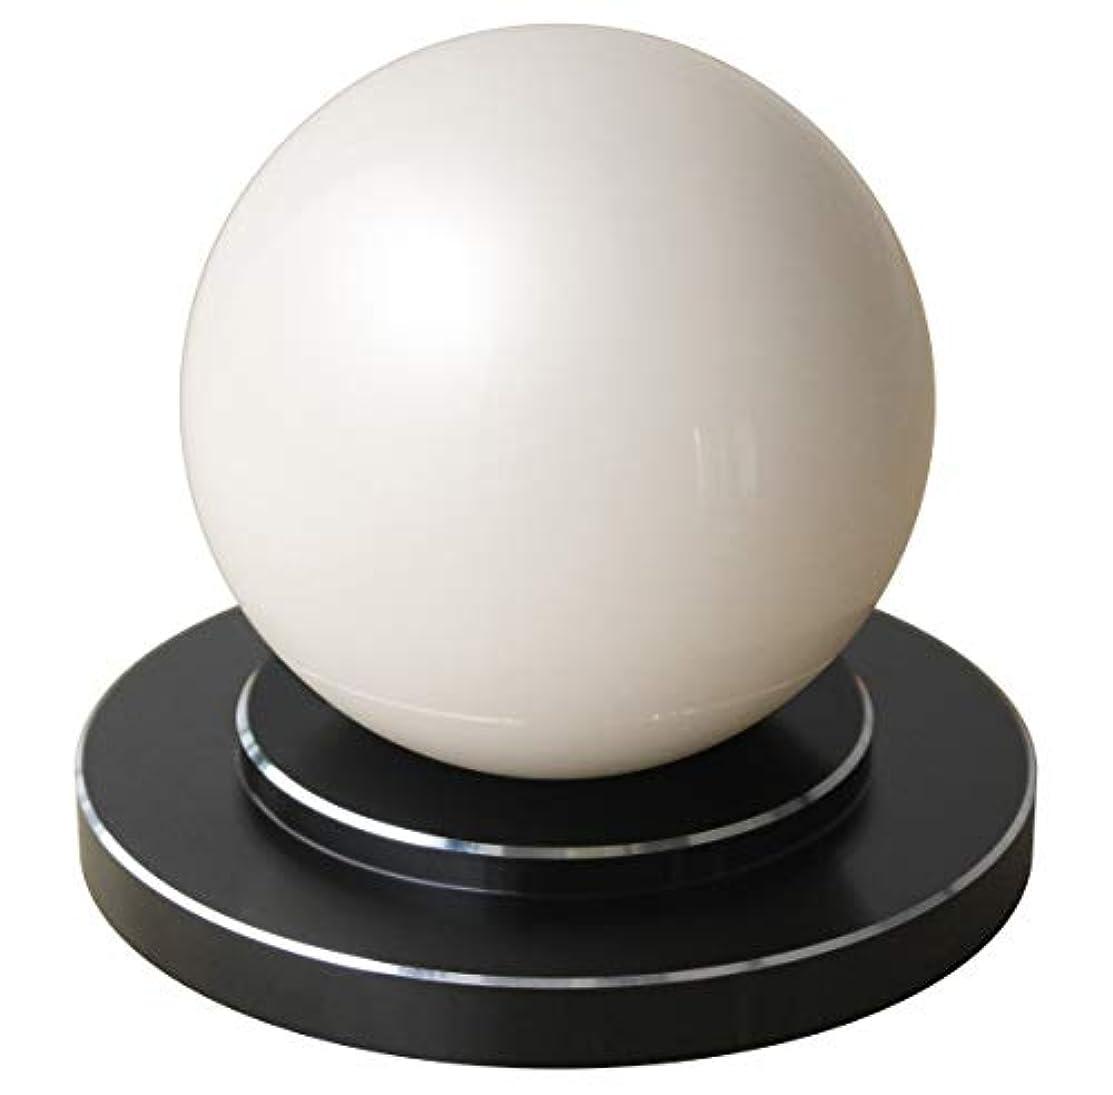 一掃するガイドライン光沢商品名:楽人球(らくときゅう):インテリアにもなるスタイリッシュな指圧器。光沢のある大きな球体。美しさと指圧の実力を兼ね備えた全く新しいタイプの指圧器。筋肉のこりをほぐし、リラックスできる。 【 すごく効く理由→一点圧により...